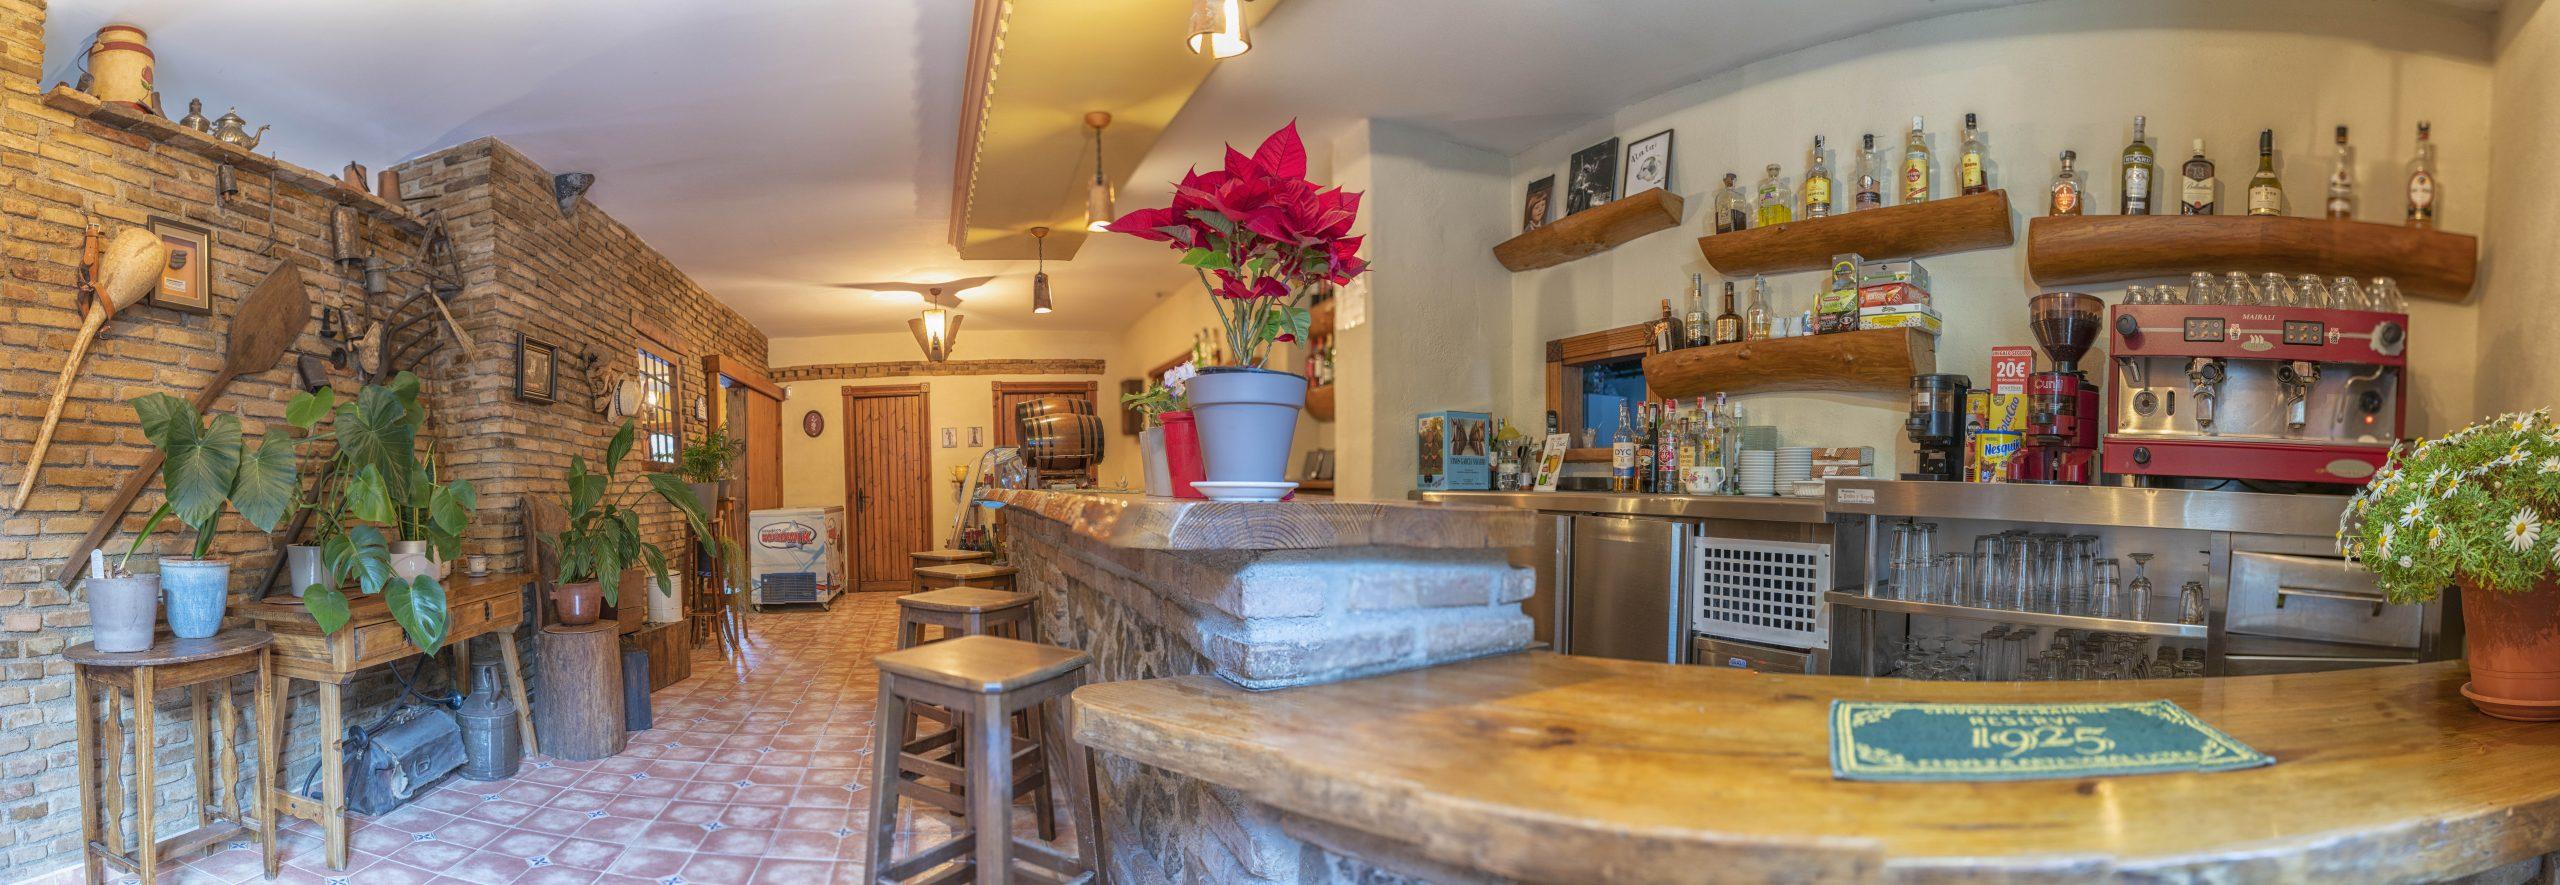 Bar Restaurante Hotel Rural Fuente La Teja